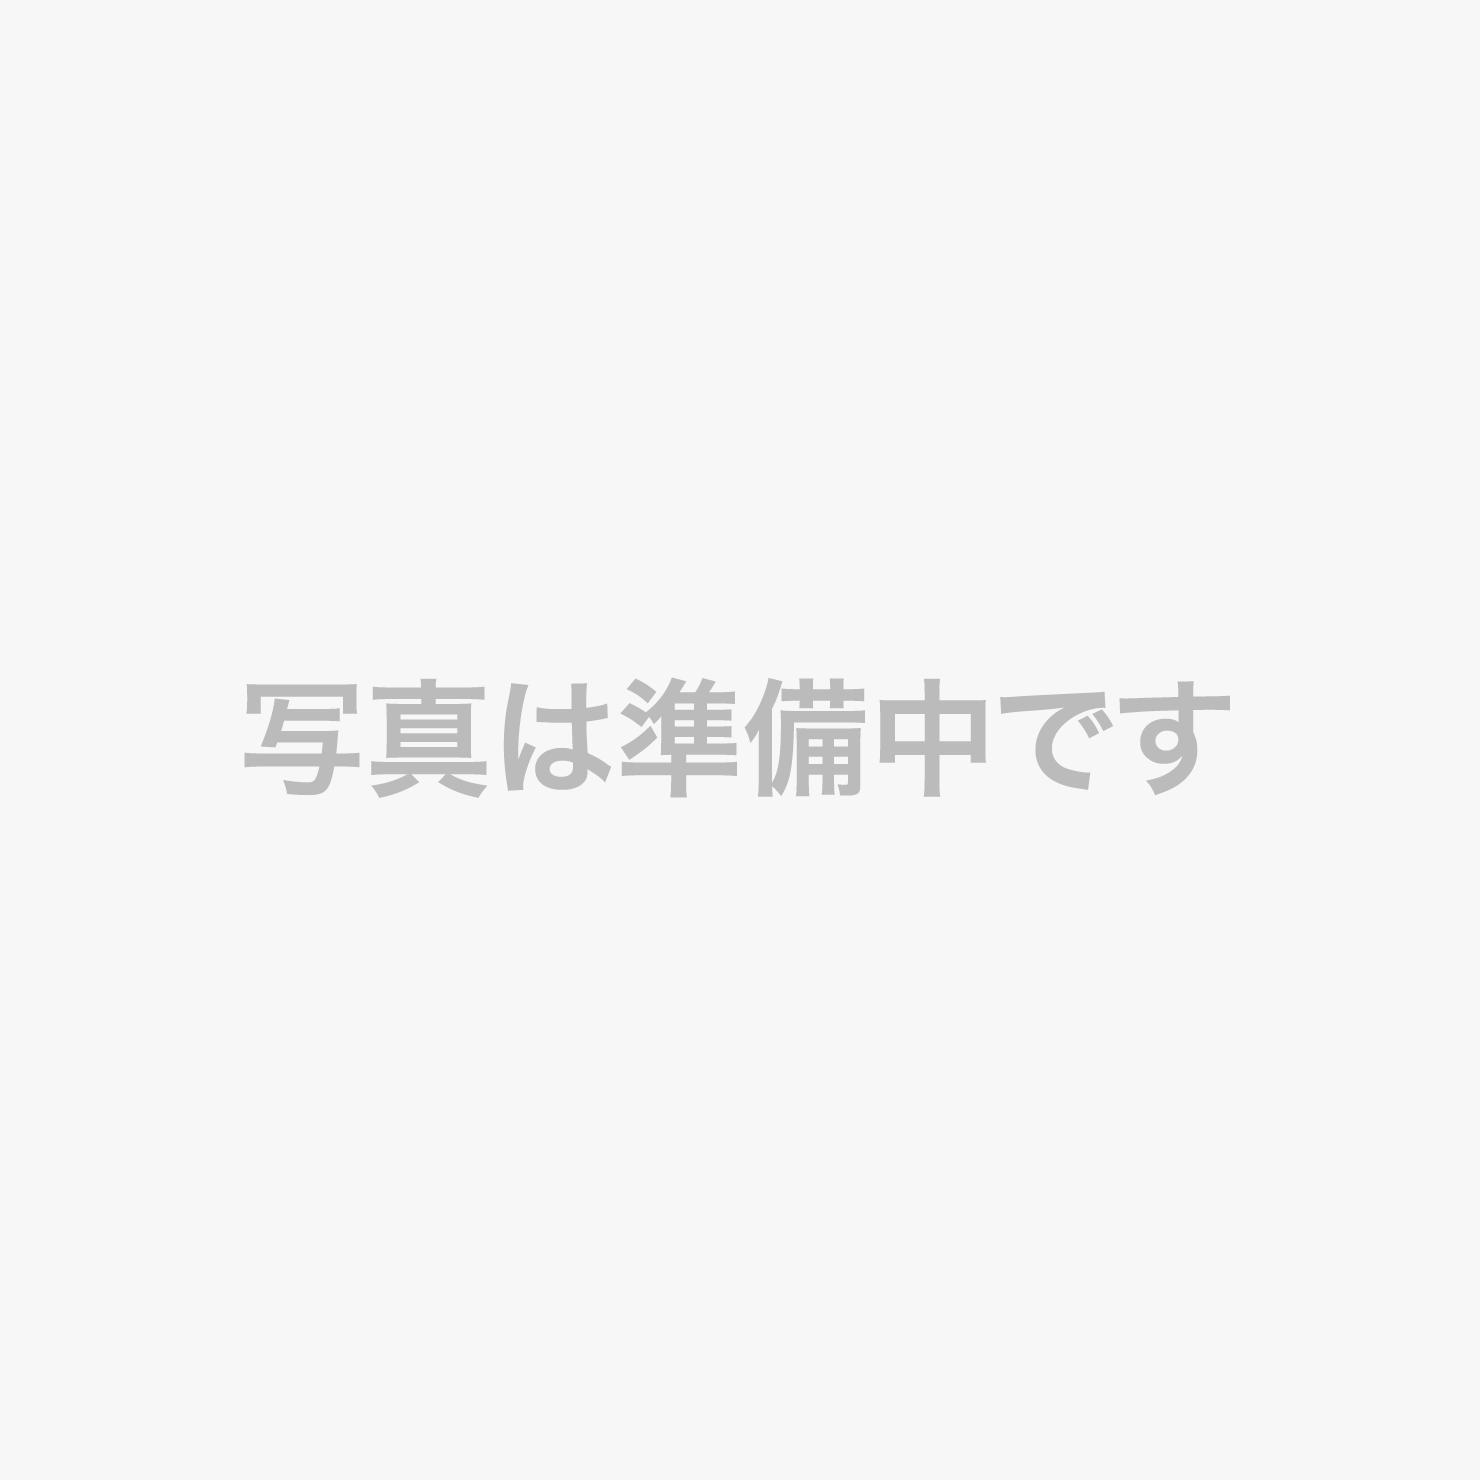 東横INN名古屋尾張一宮駅前